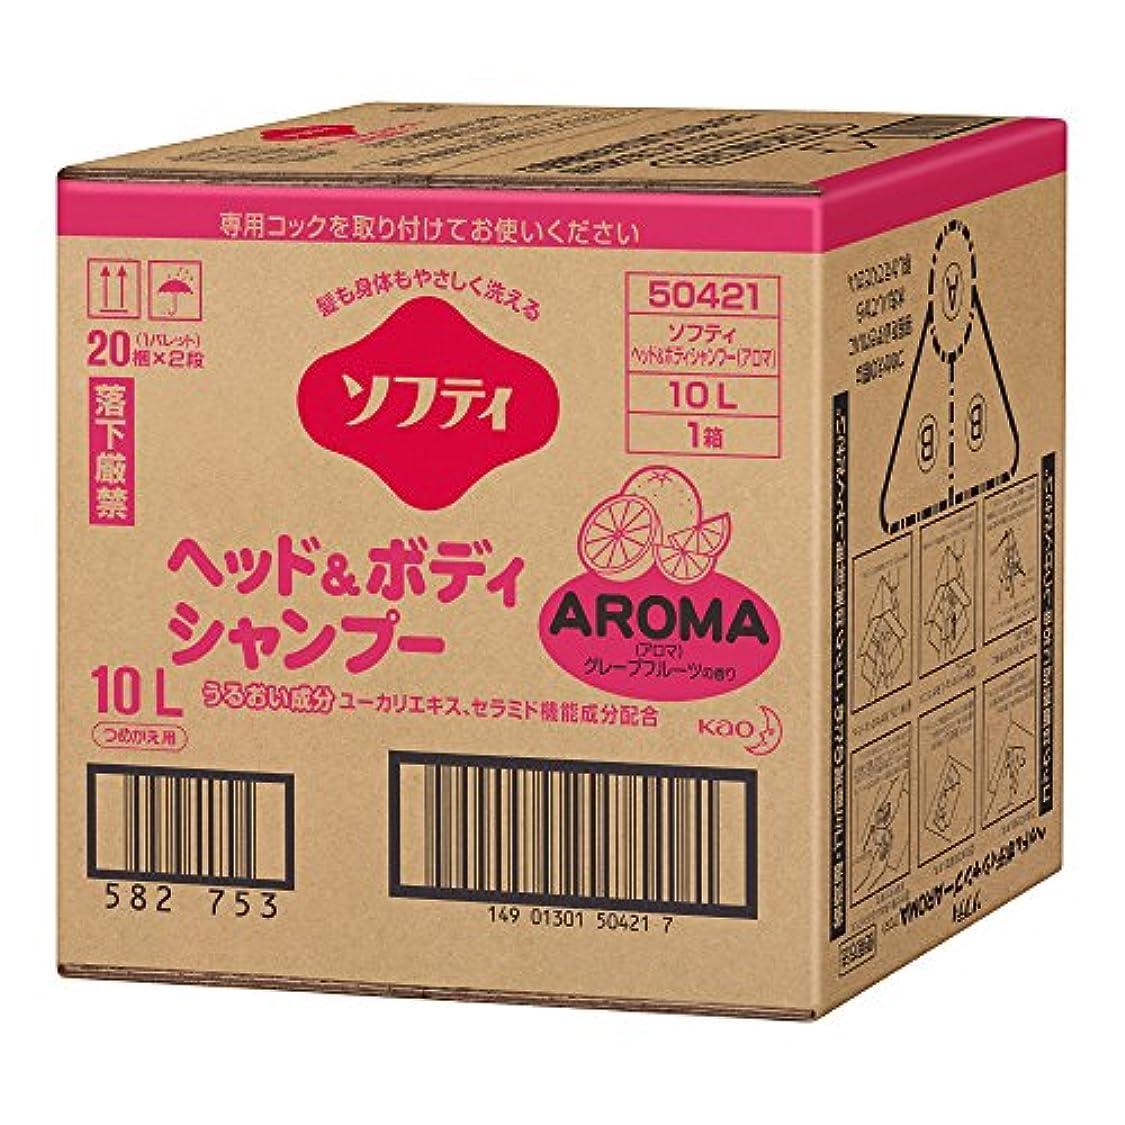 殉教者移民ピカソソフティ ヘッド&ボディシャンプーAROMA(アロマ) 10L バッグインボックスタイプ (花王プロフェッショナルシリーズ)